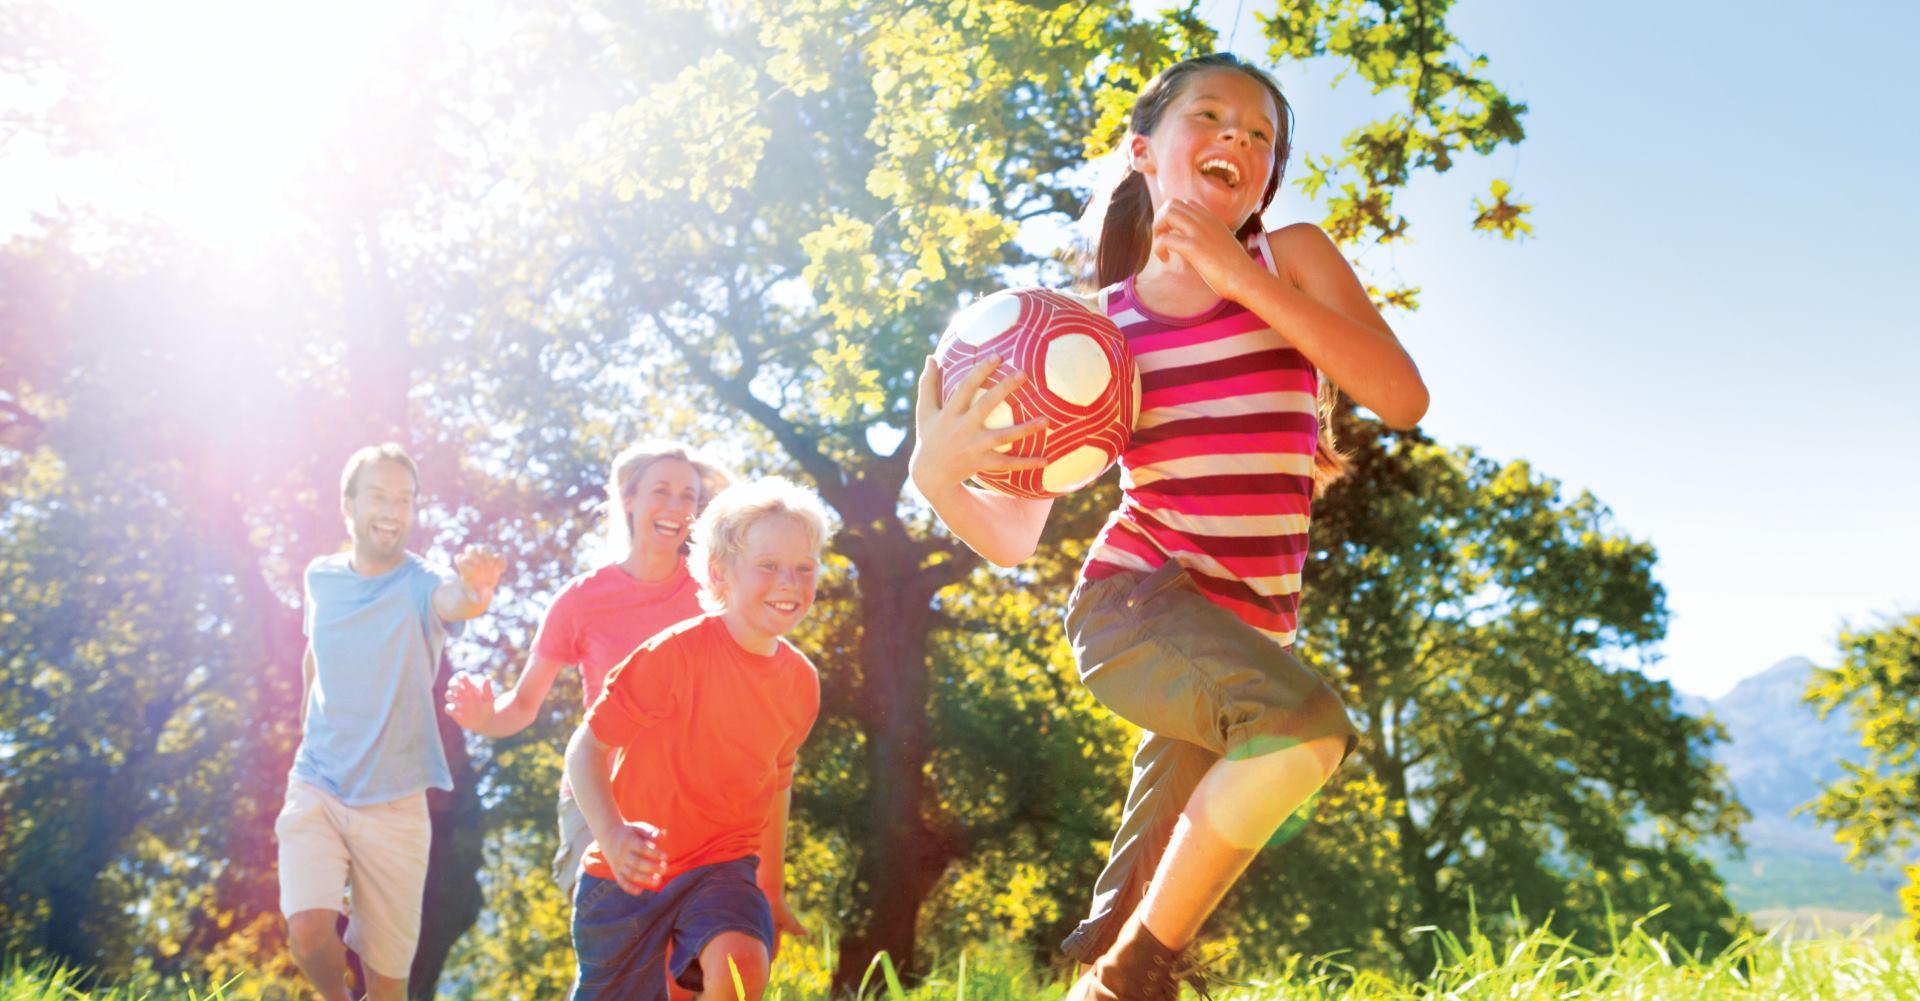 Nestlé najavio pokretanje globalne inicijative 'Nestlé za zdraviju djecu'